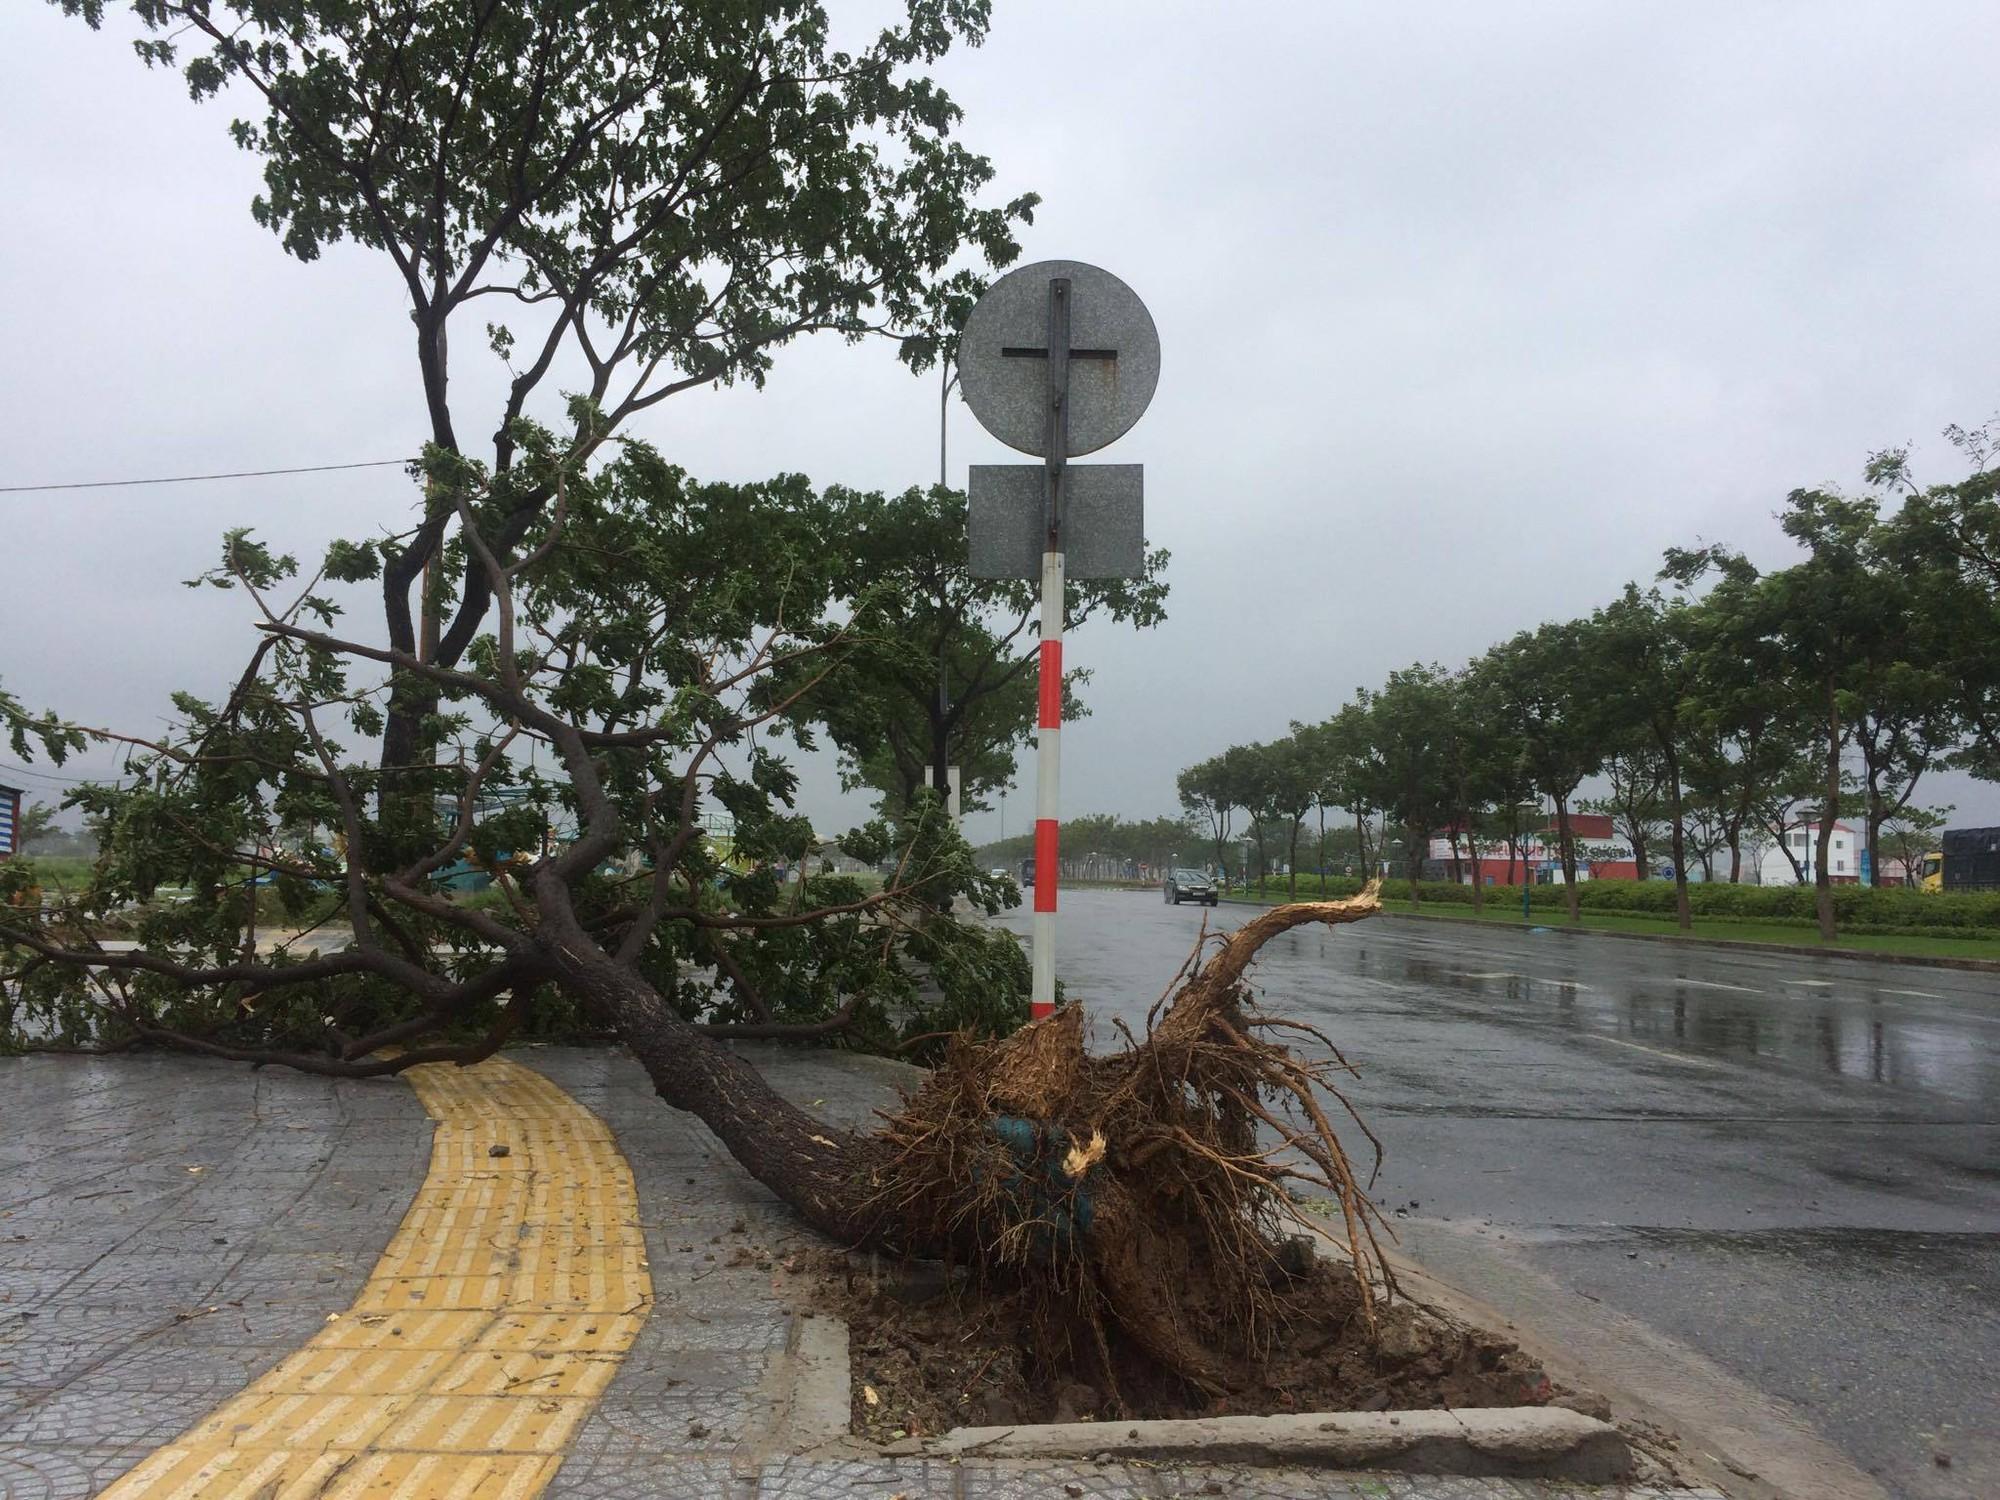 Ảnh hưởng bão số 12, Đà Nẵng đổ sập cổng chào, nhiều cây xanh bật gốc chắn ngang đường - Ảnh 2.